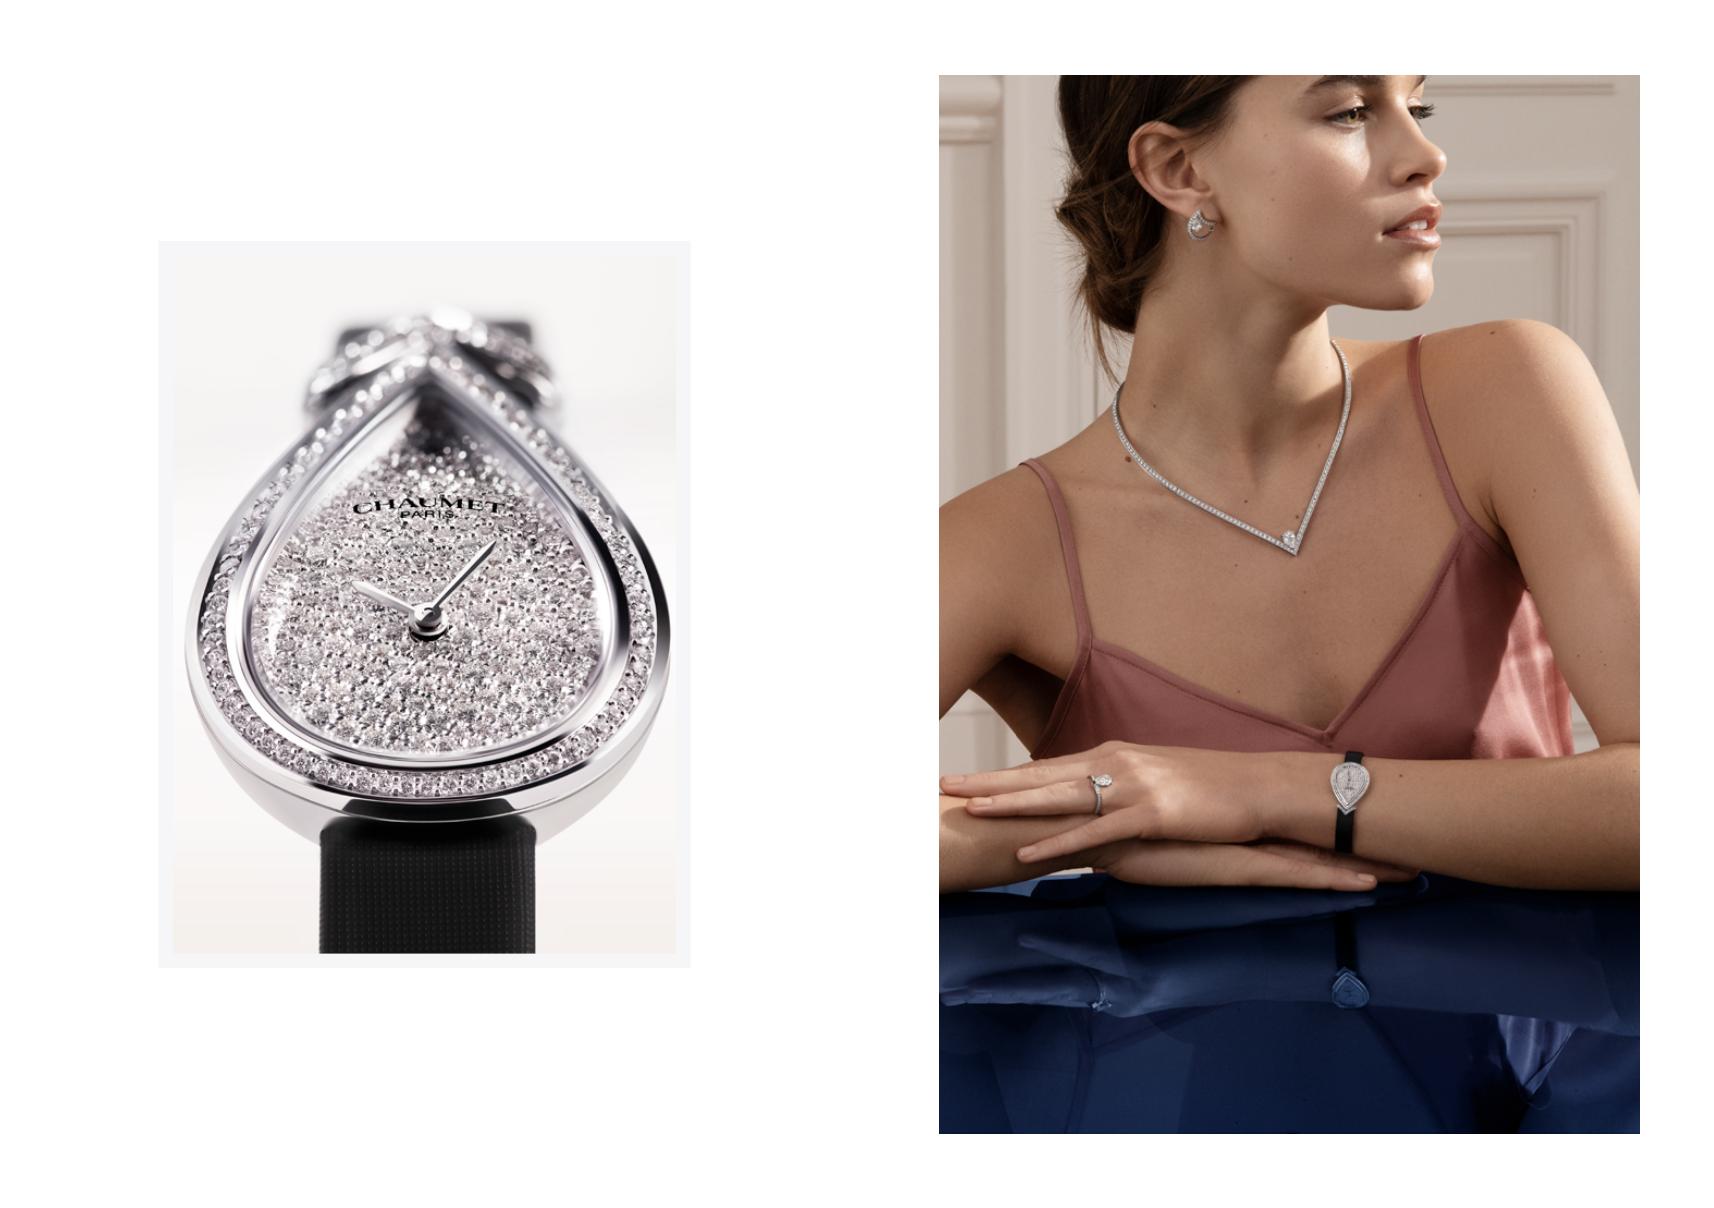 8902972a 5464 4f6b 81a2 5421df8543f3 - Joséphine: Emperatriz de estilo, la nueva colección de Chaumet